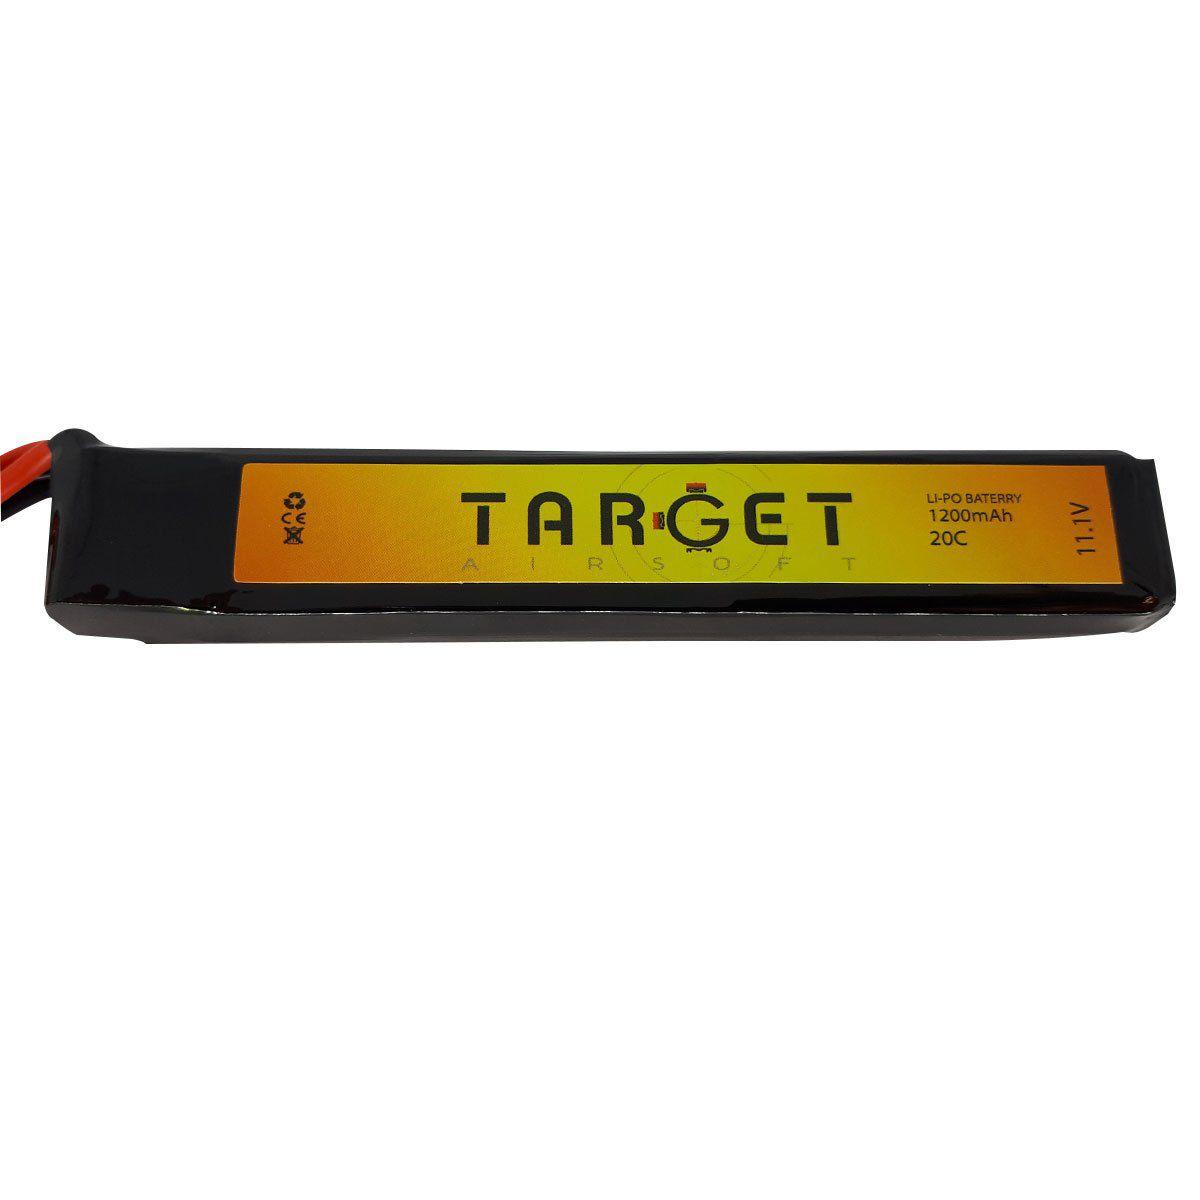 Bateria Lipo Target Mini Tamiya Plug 11.1V 1200 mAh 20c